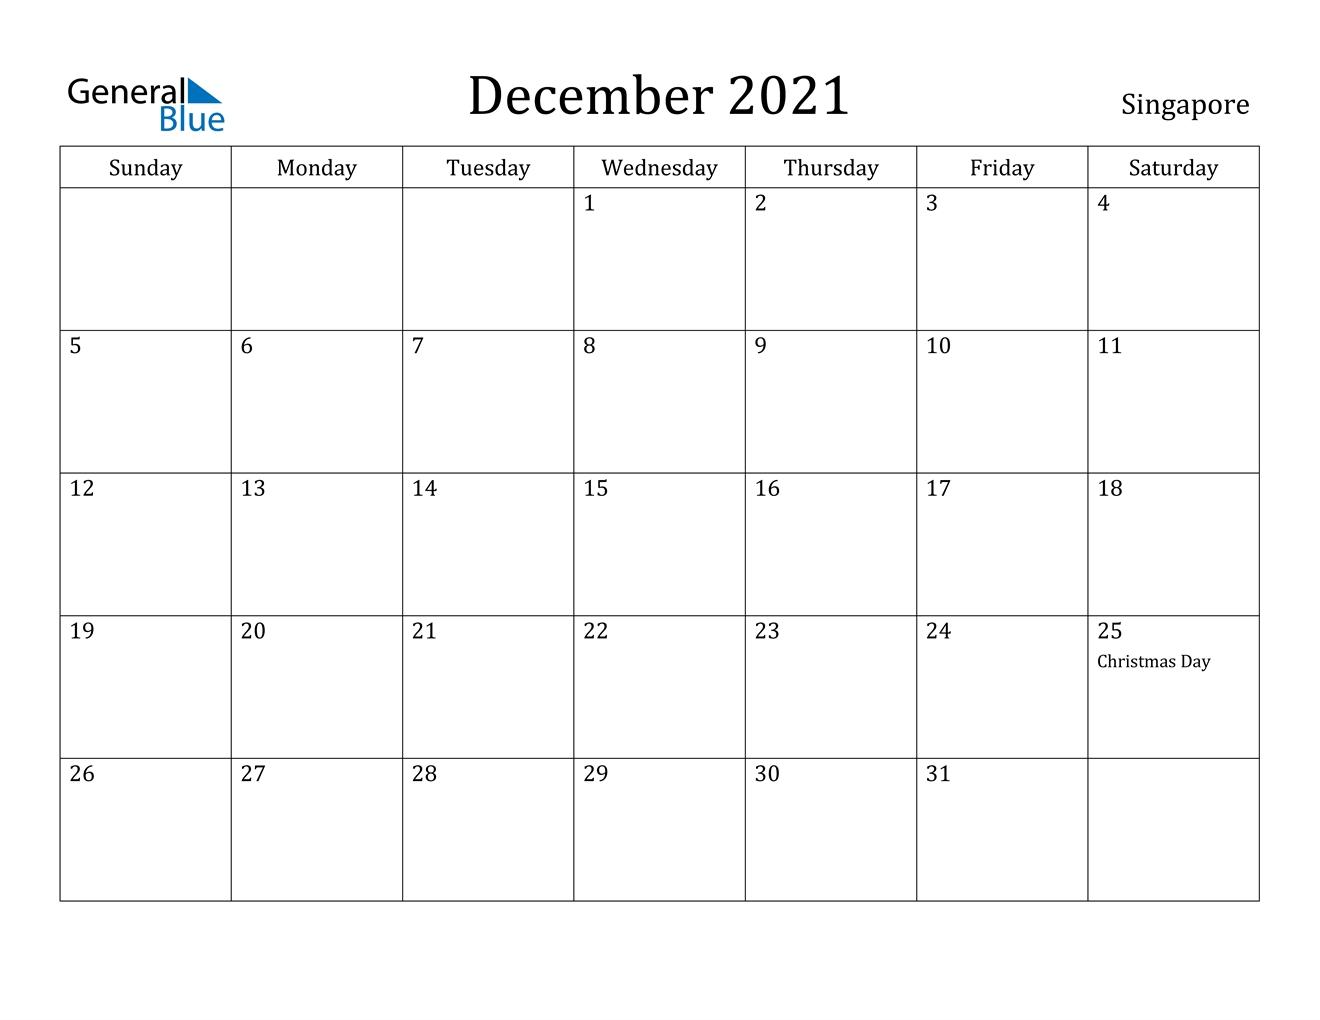 December 2021 Calendar - Singapore September 2021 Calendar Singapore